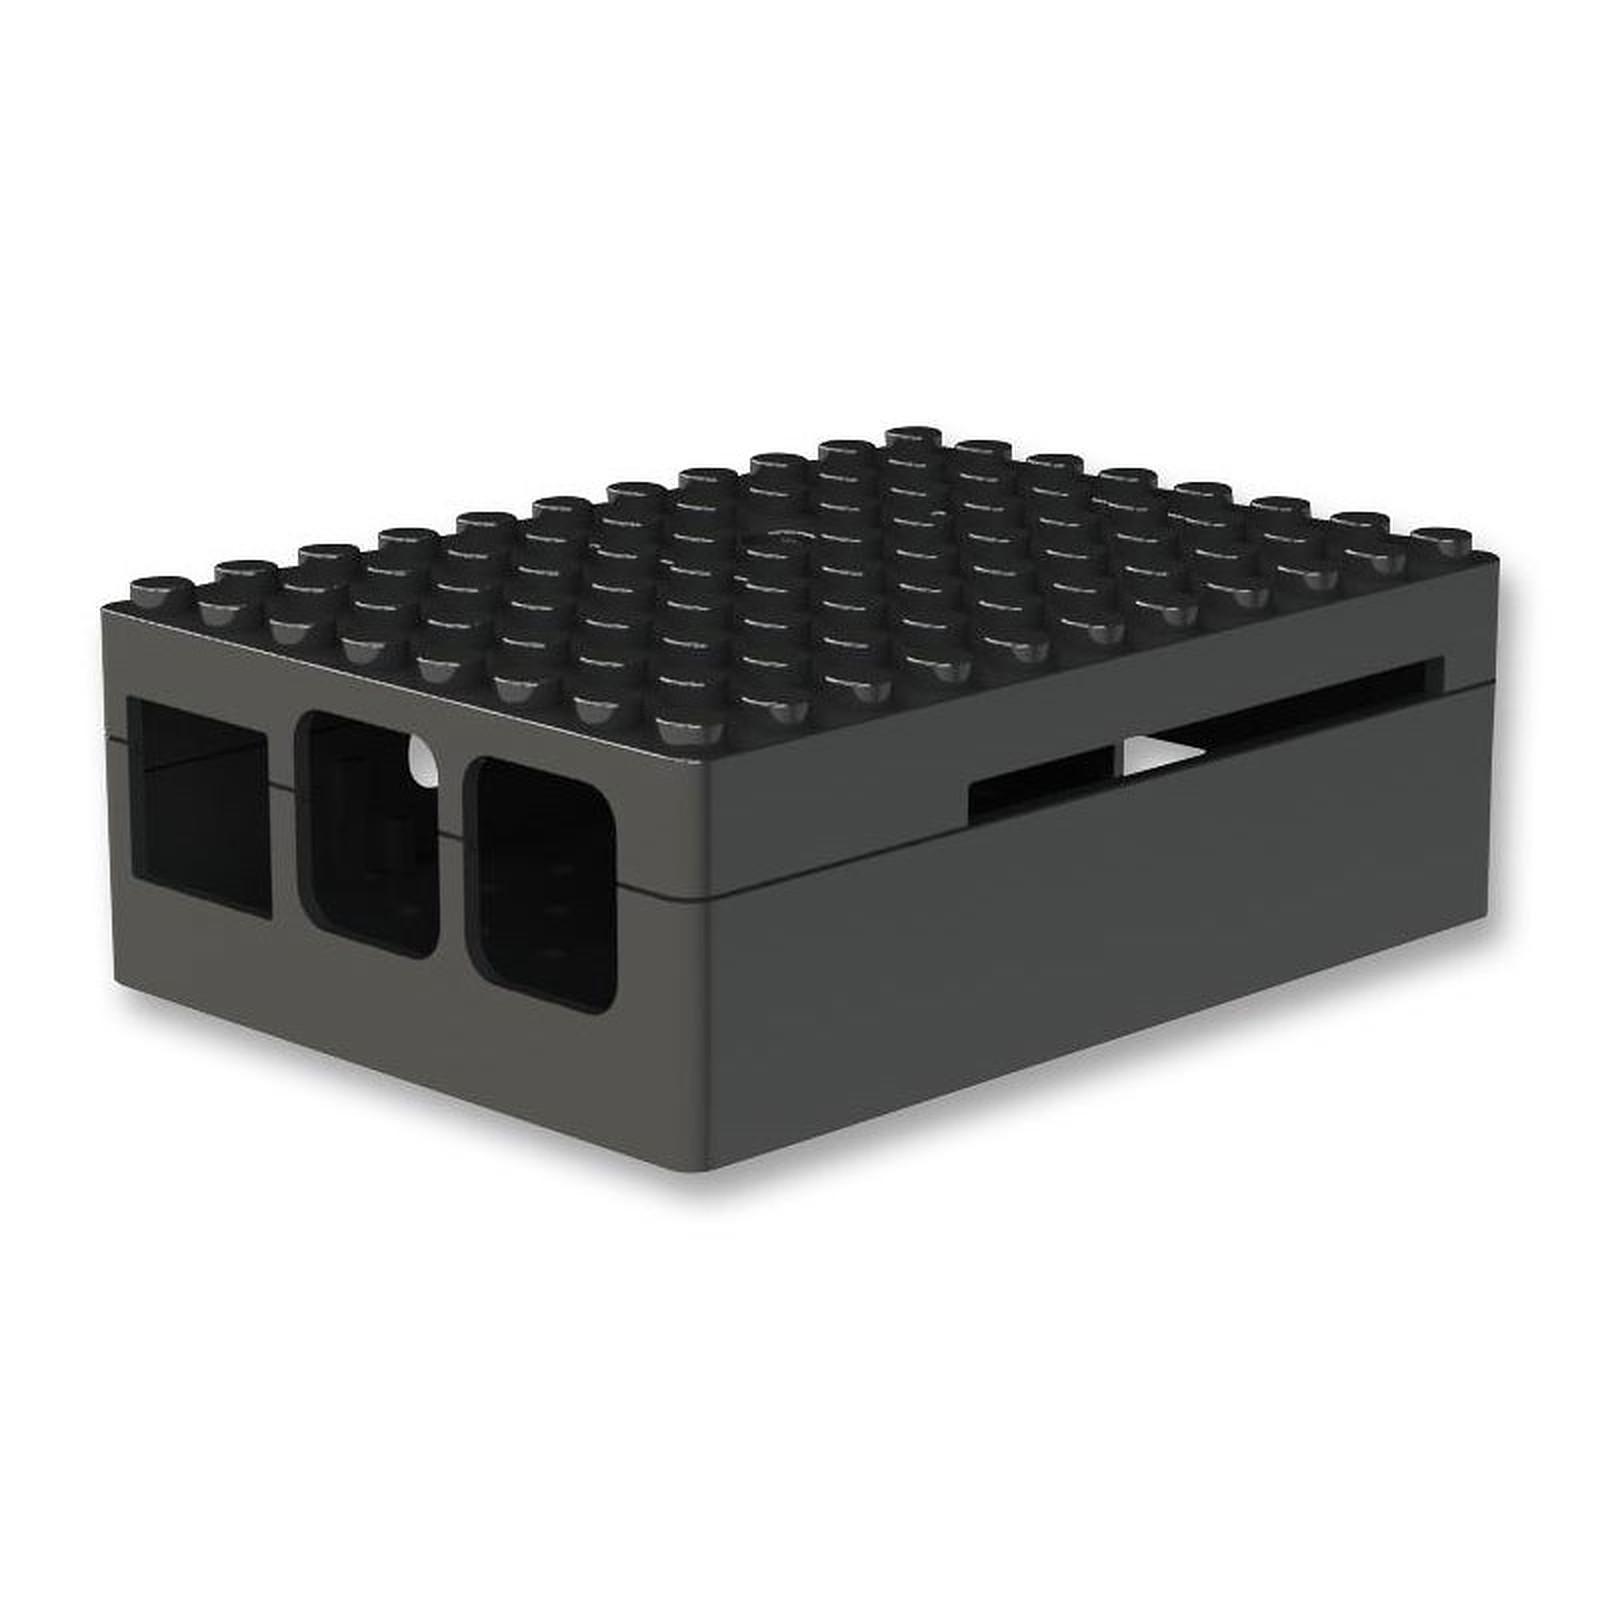 Multicomp Pi-Blox boitier pour Raspberry Pi 1 Model B+ / Pi 2/3 (noir)